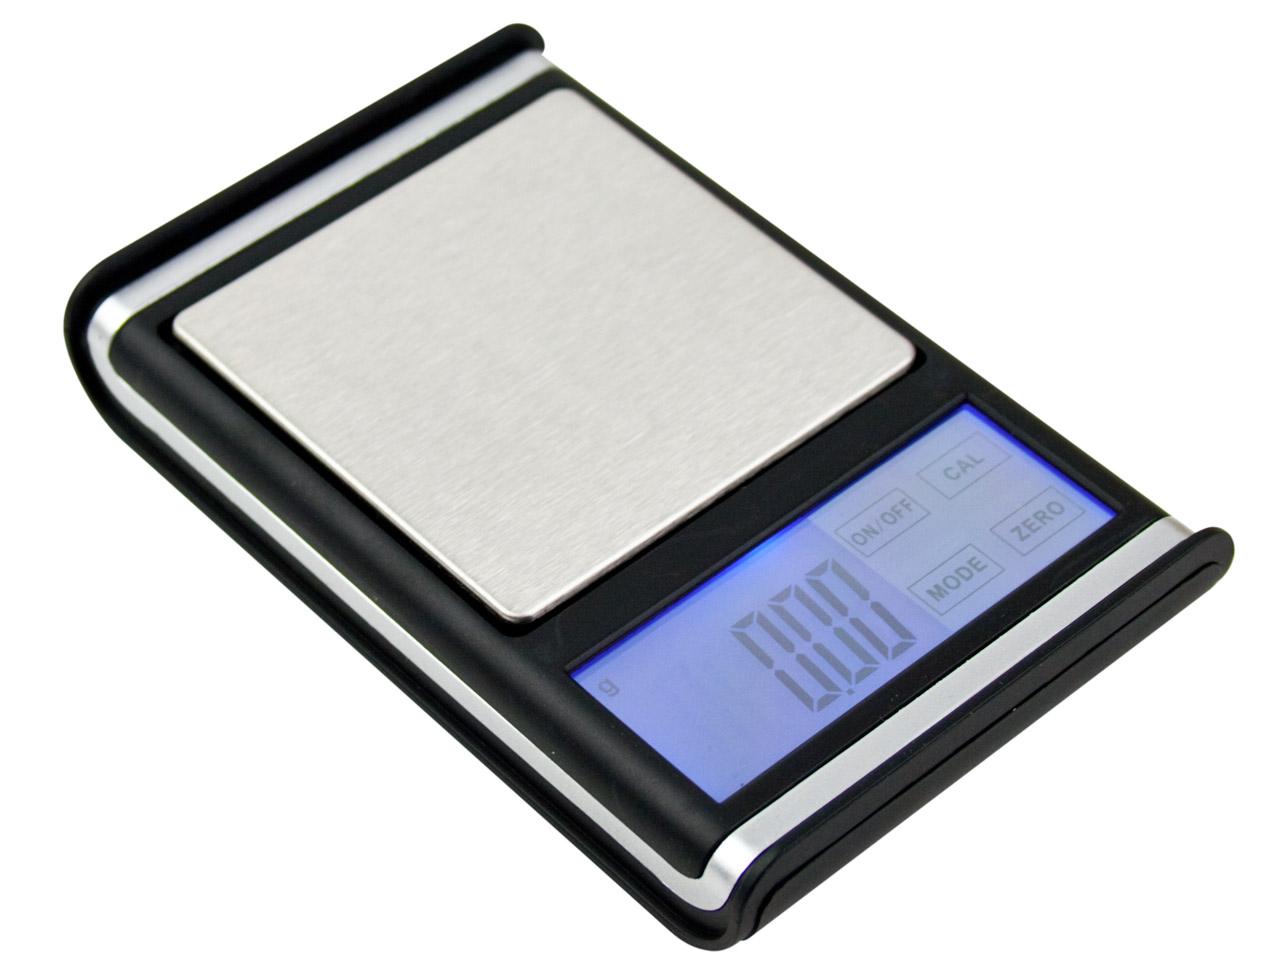 Digitální váha Touchscreen scale 300g 0,01g (rozlišení 0,01 g)